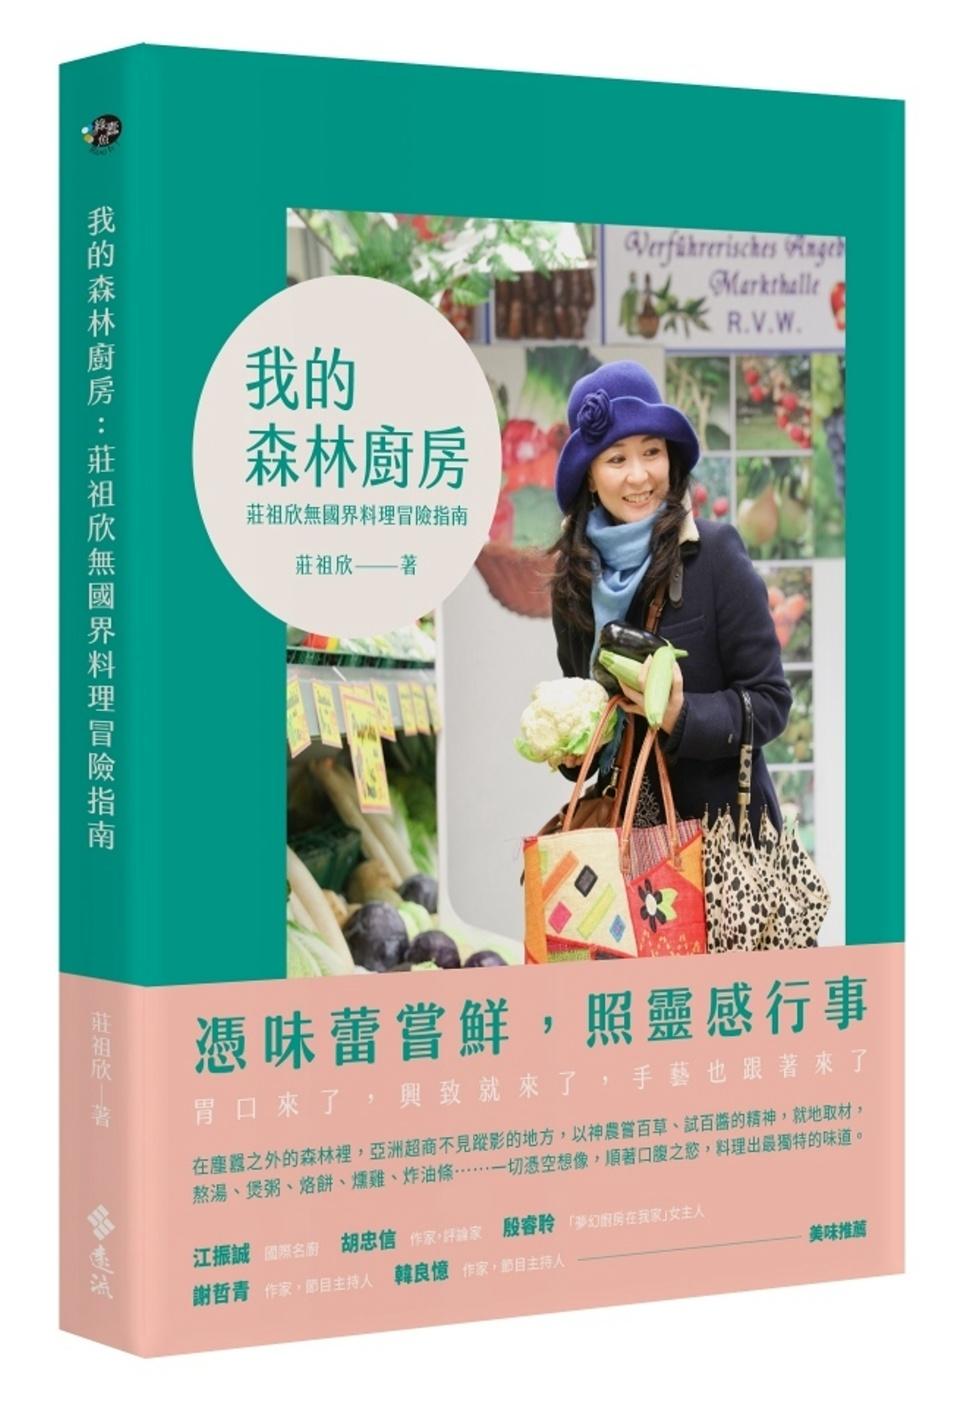 ◤博客來BOOKS◢ 暢銷書榜《推薦》我的森林廚房:莊祖欣無國界料理冒險指南